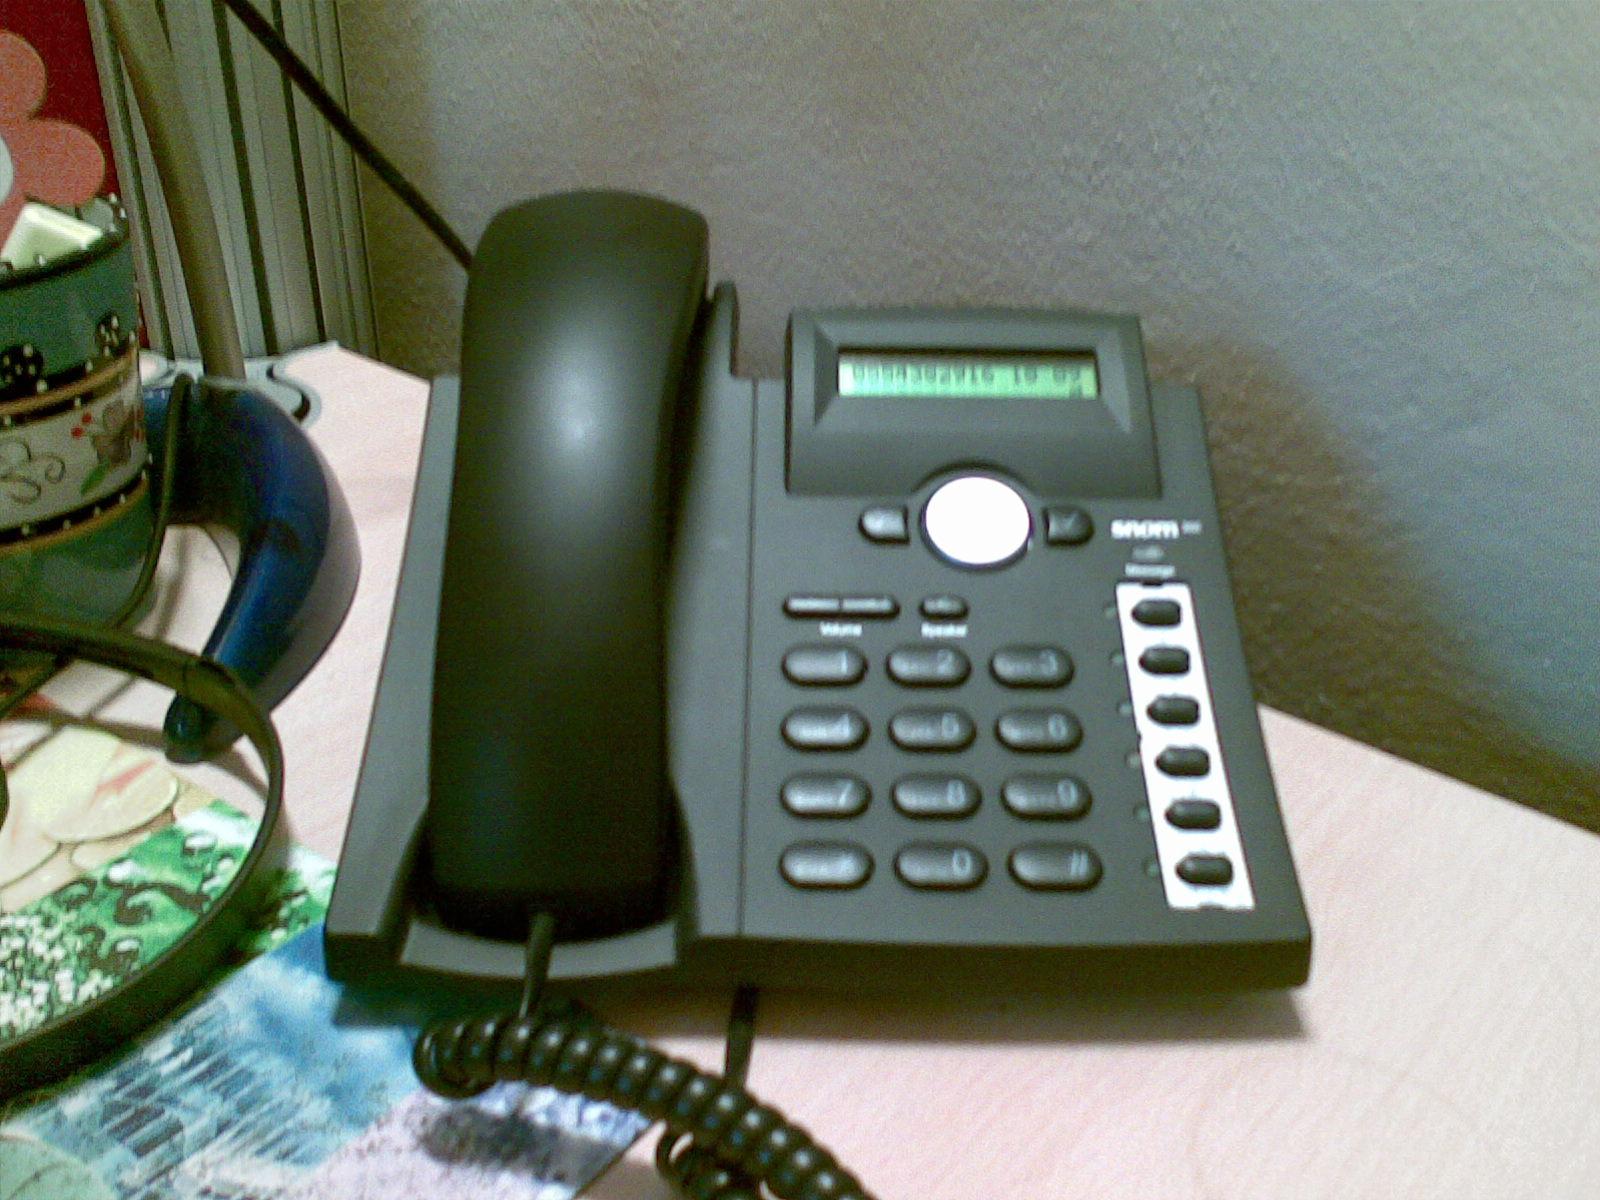 Biblioteca: telefoni temporaneamente disabilitati. Comunicazioni con gli utenti solo per posta elettronica